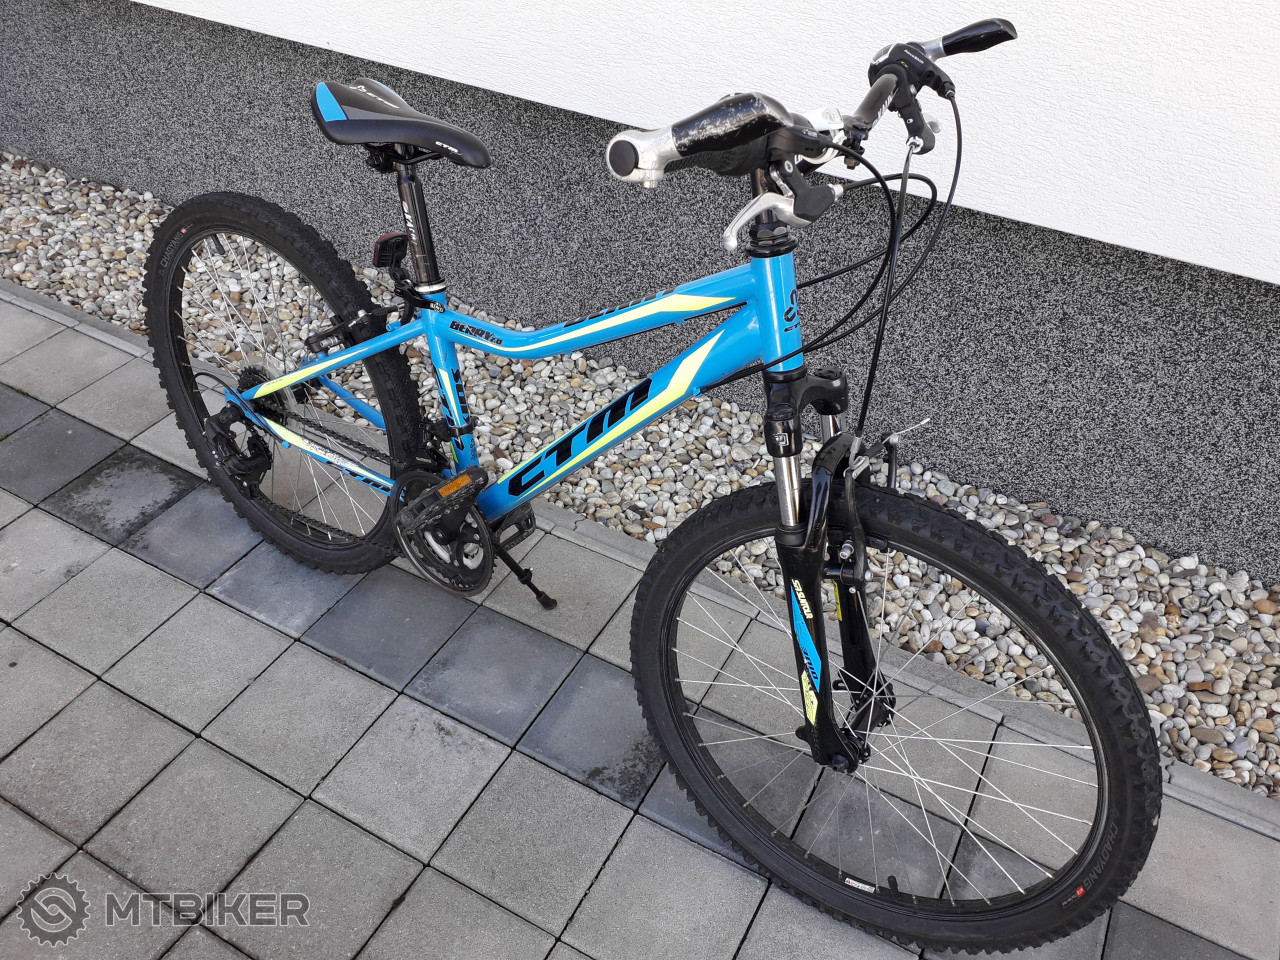 2b2a029af0423 Predám Detský Horský Bicykel Ctm Veľkosť 24 - Bicykle - Pevné a hardtail -  Bazár MTBIKER